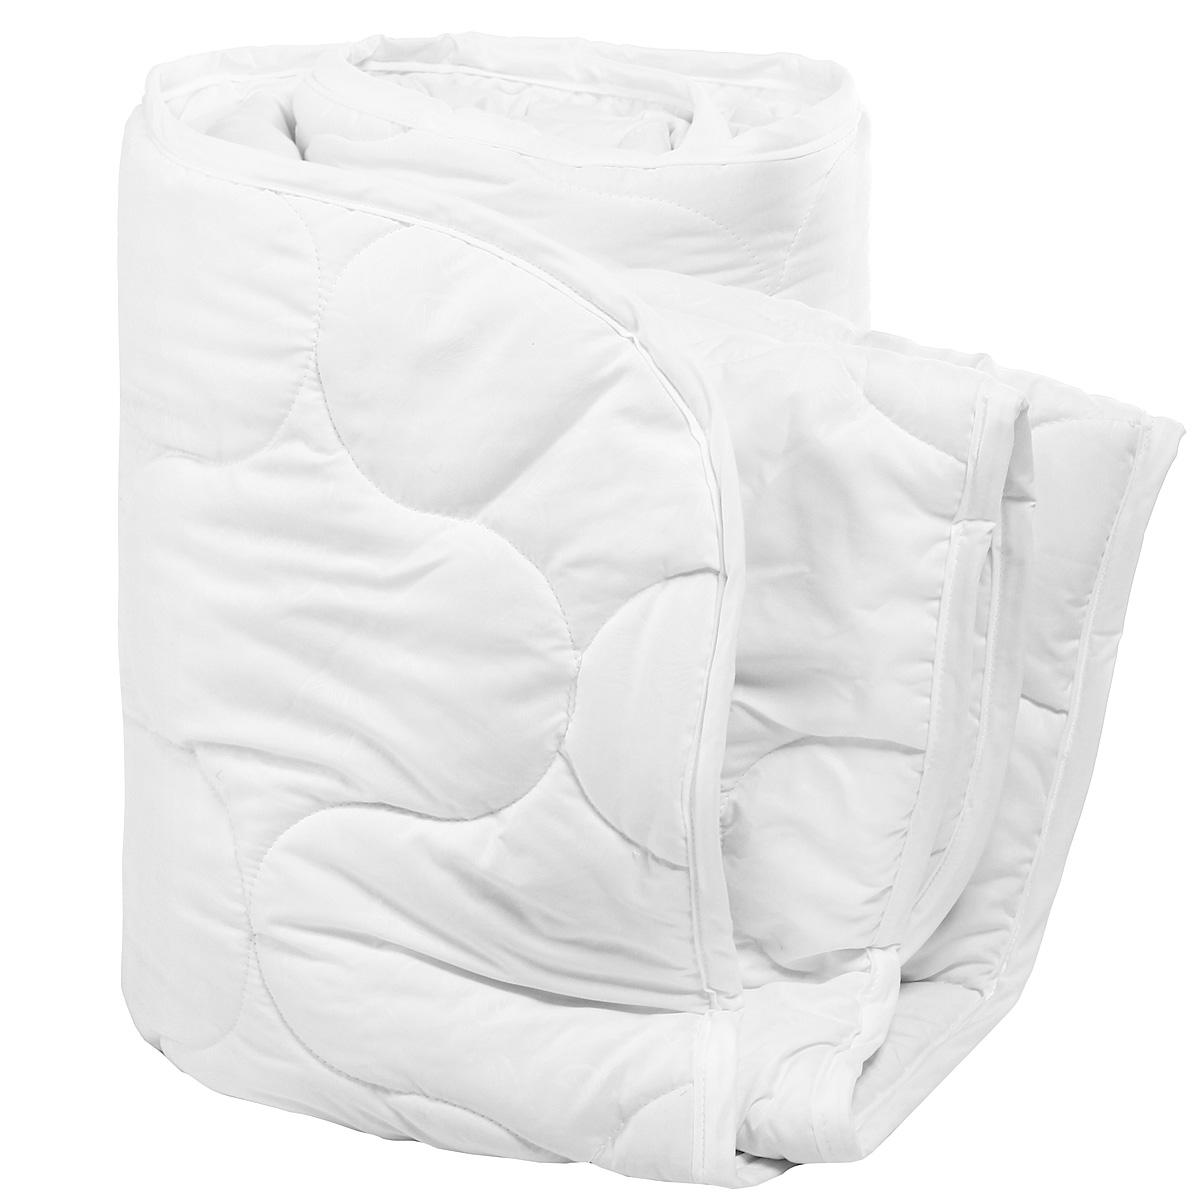 Одеяло Green Line, наполнитель: бамбуковое волокно, 140 х 205 см165989При изготовлении одеяла Green Line применяется ткань нового поколения из микрофиламентных нитей Ultratex. Одеяло не требует специального ухода, быстро сохнет после стирки и практически не мнется.Наполнитель из натуральных бамбуковых волокон. Пористая структура бамбукового волокна обеспечивает отличные условия для циркуляции воздуха и впитывания влаги.Преимущества одеяла Green Line: идеальный комфортный сон; антибактериальная защита; оптимальная терморегуляция. Характеристики:Материал чехла: 100% полиэстер (Ultratex). Наполнитель: 50 % бамбуковое волокно, 50% полиэстер. Цвет: белый. Масса наполнителя: 300 г/м2. Размер одеяла: 140 см х 205 см. Размер упаковки:58 см х 15 см х 43 см. Артикул: 165989.